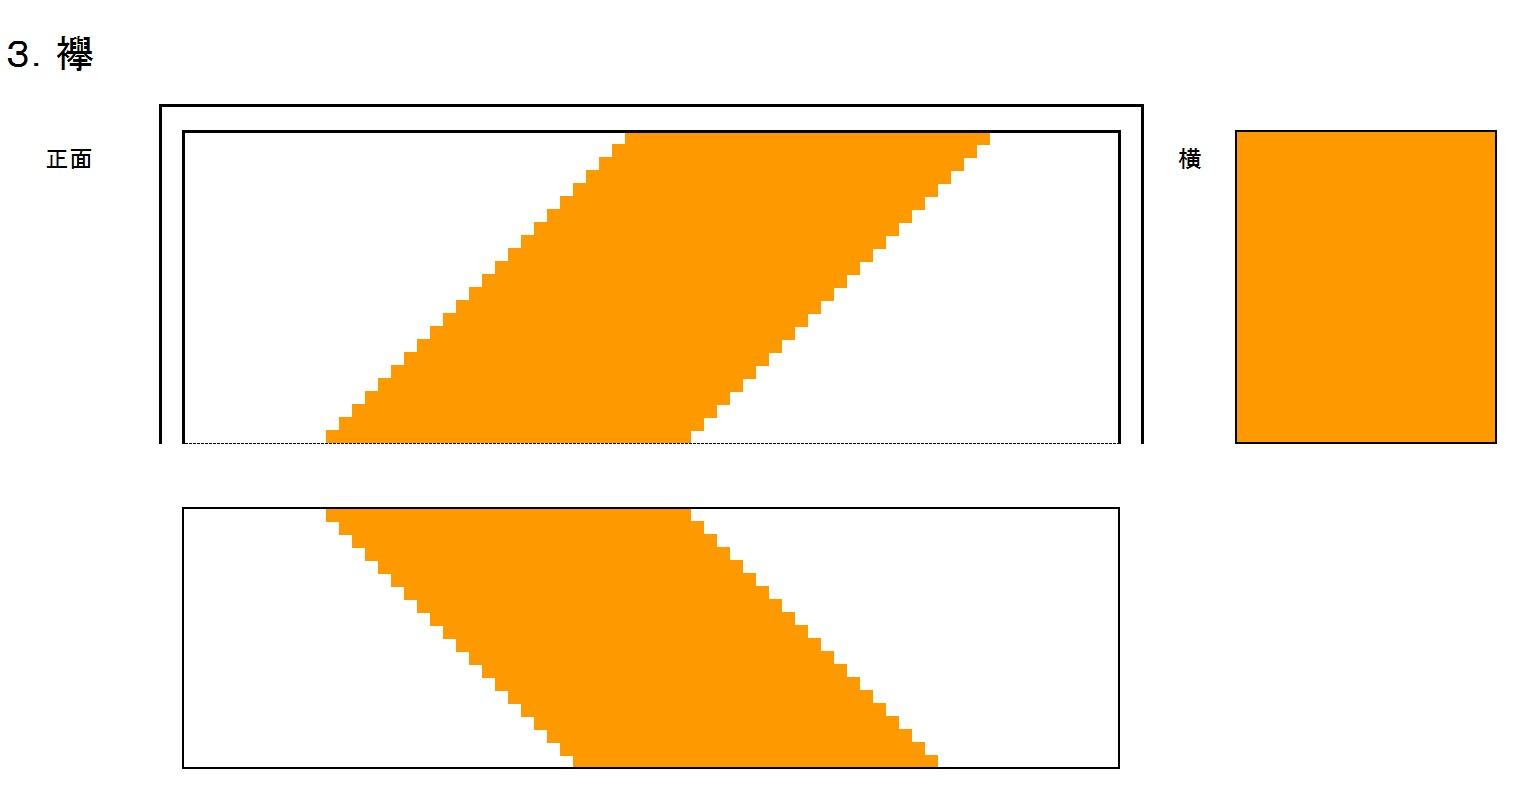 カラーゴールネット案3(襷橙)